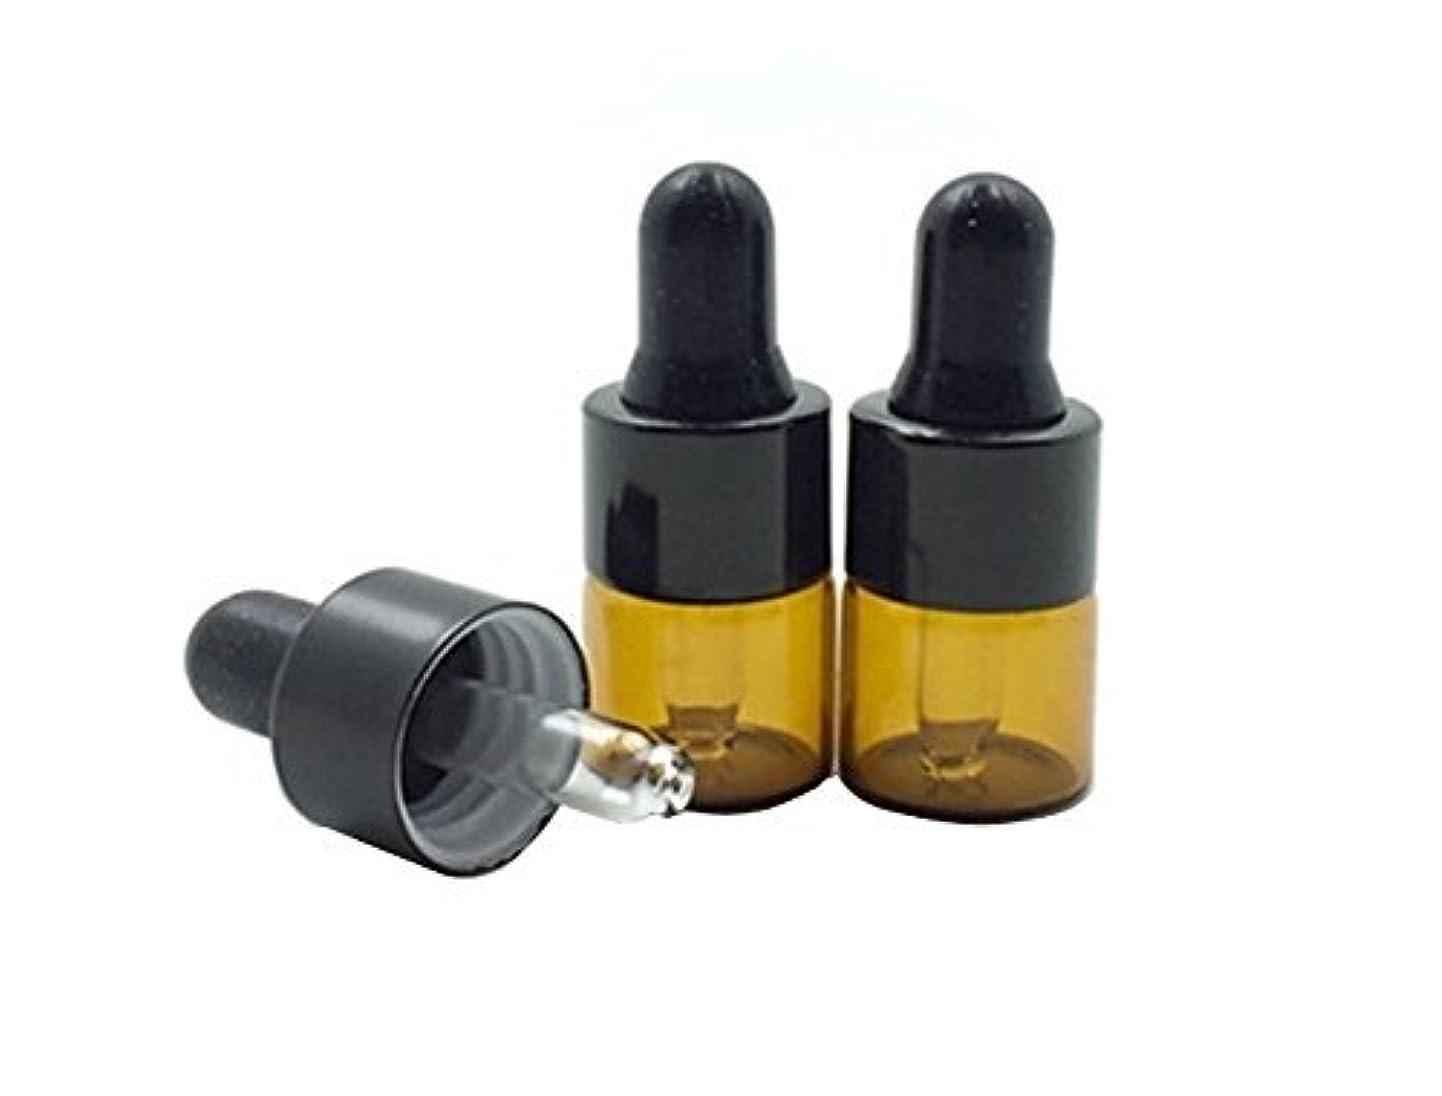 に同意する性格日付15 Pcs Mini Tiny 1ml Amber Glass Dropper Bottles Refillable Essential Oil Bottles Vials With Eyed Dropper For...